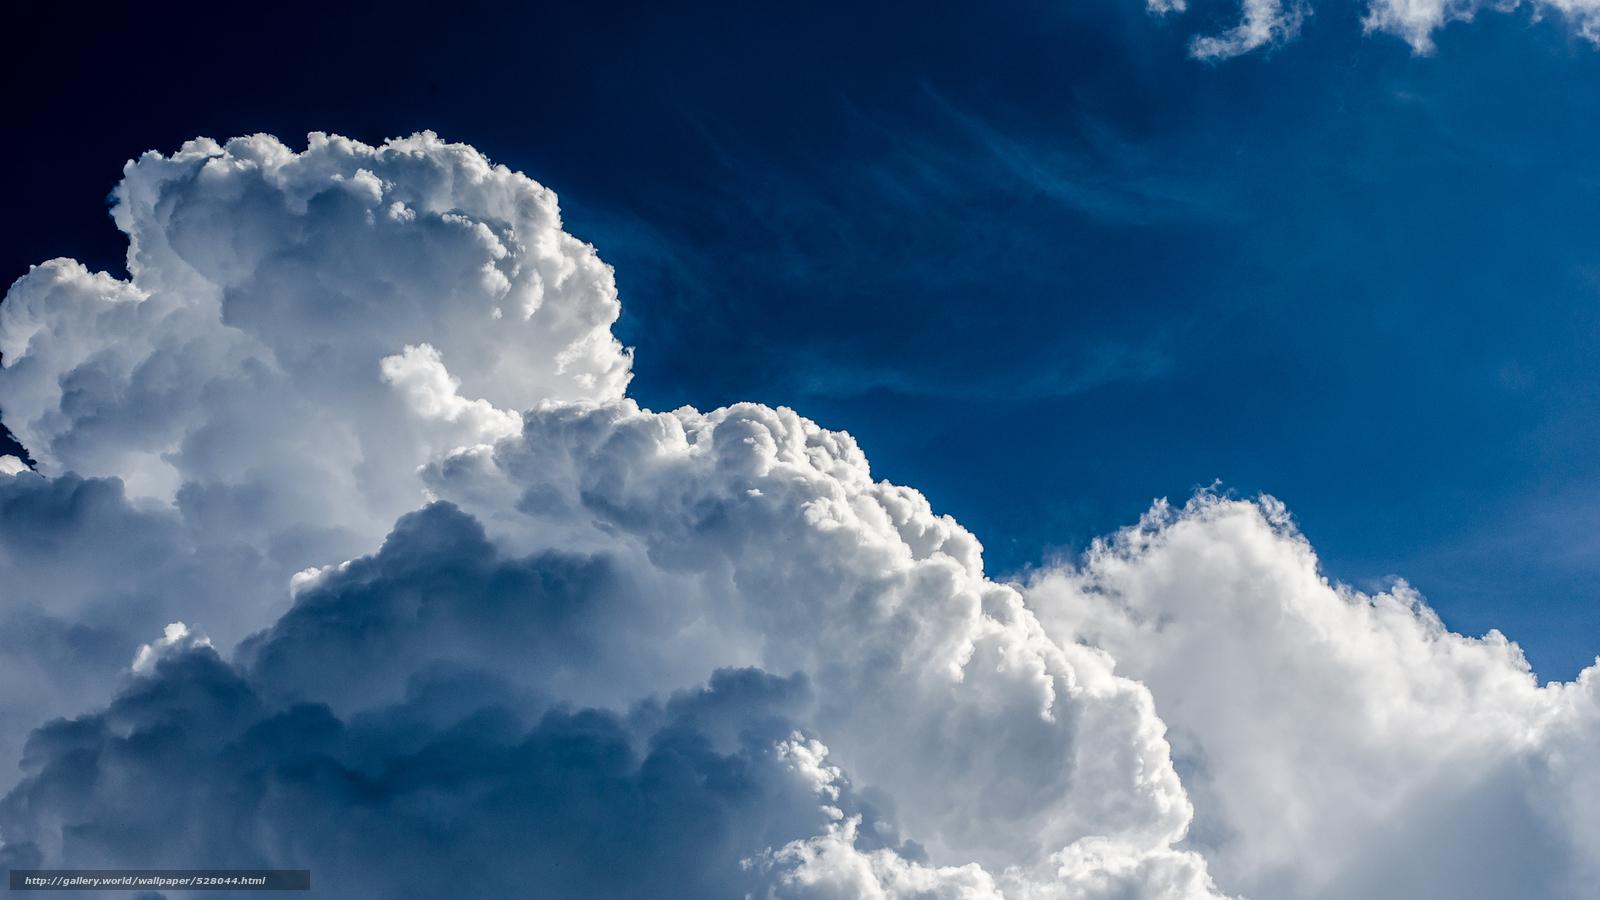 tlcharger fond d 39 ecran ciel nuages nature fonds d 39 ecran gratuits pour votre rsolution du. Black Bedroom Furniture Sets. Home Design Ideas